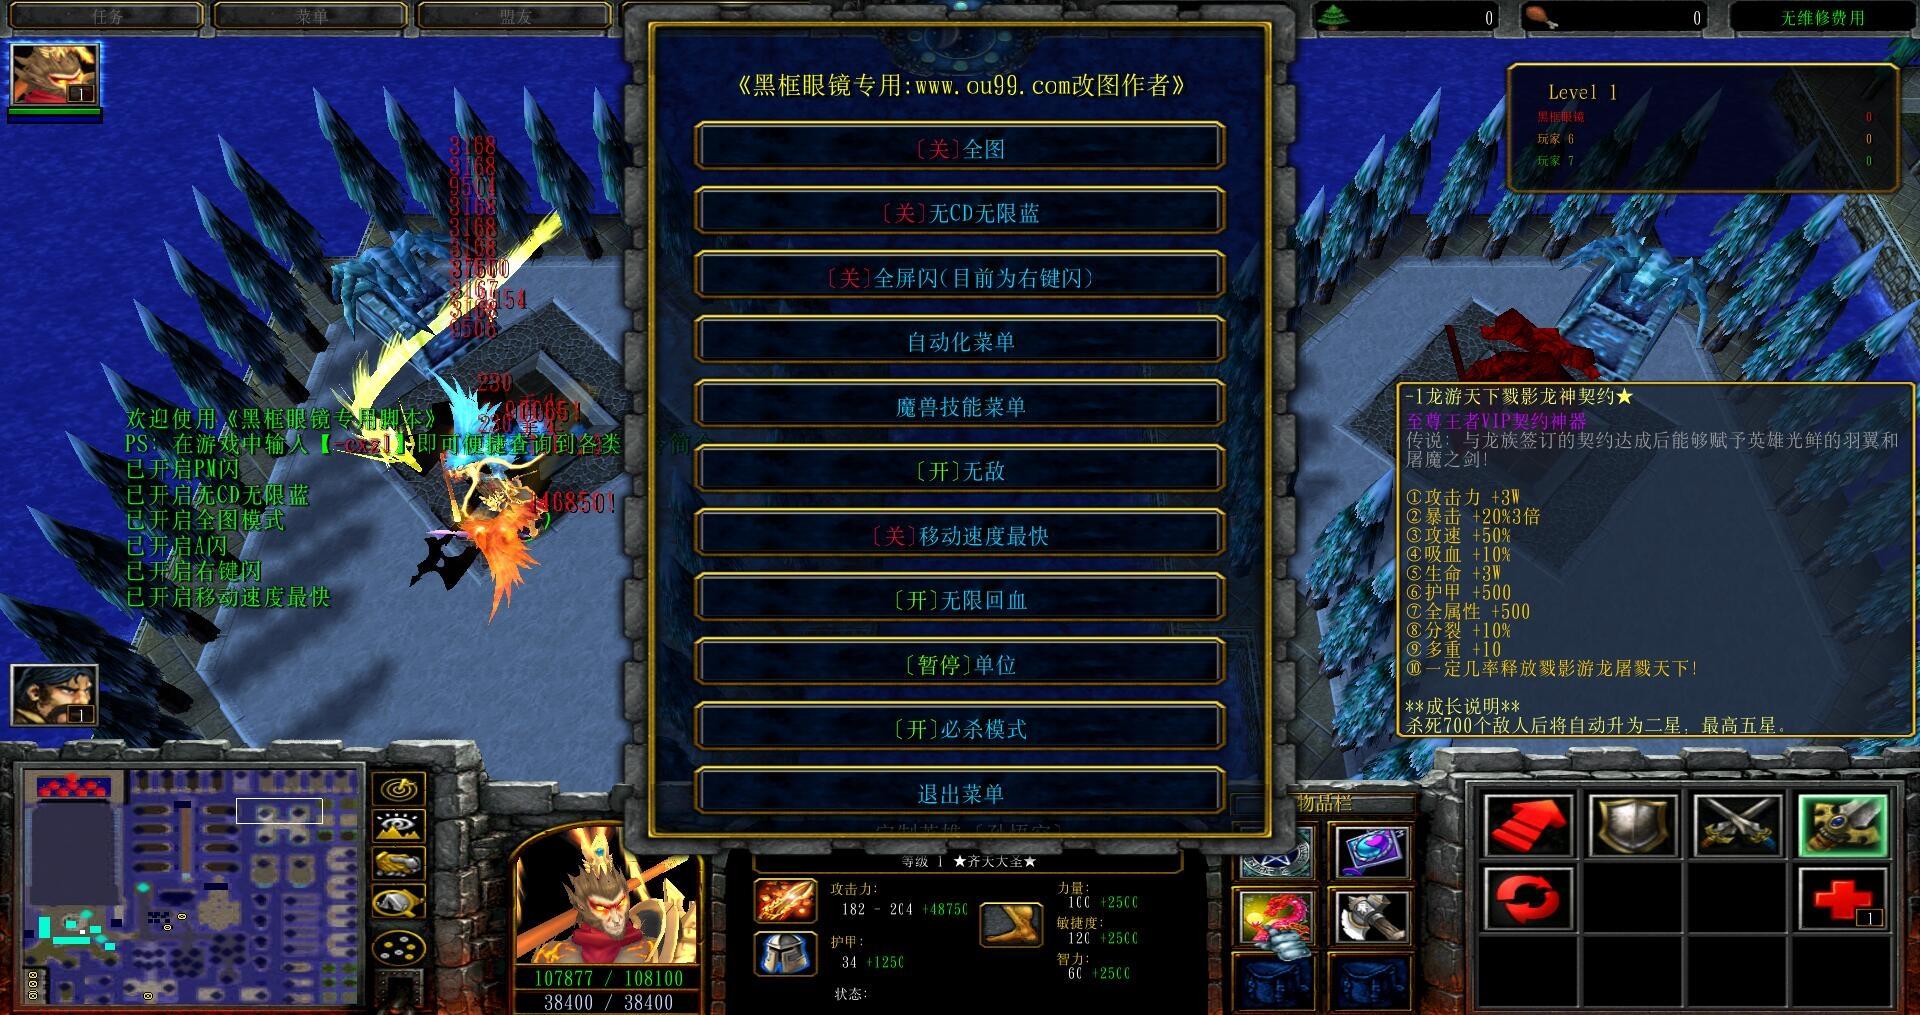 龙神契约2.3.0